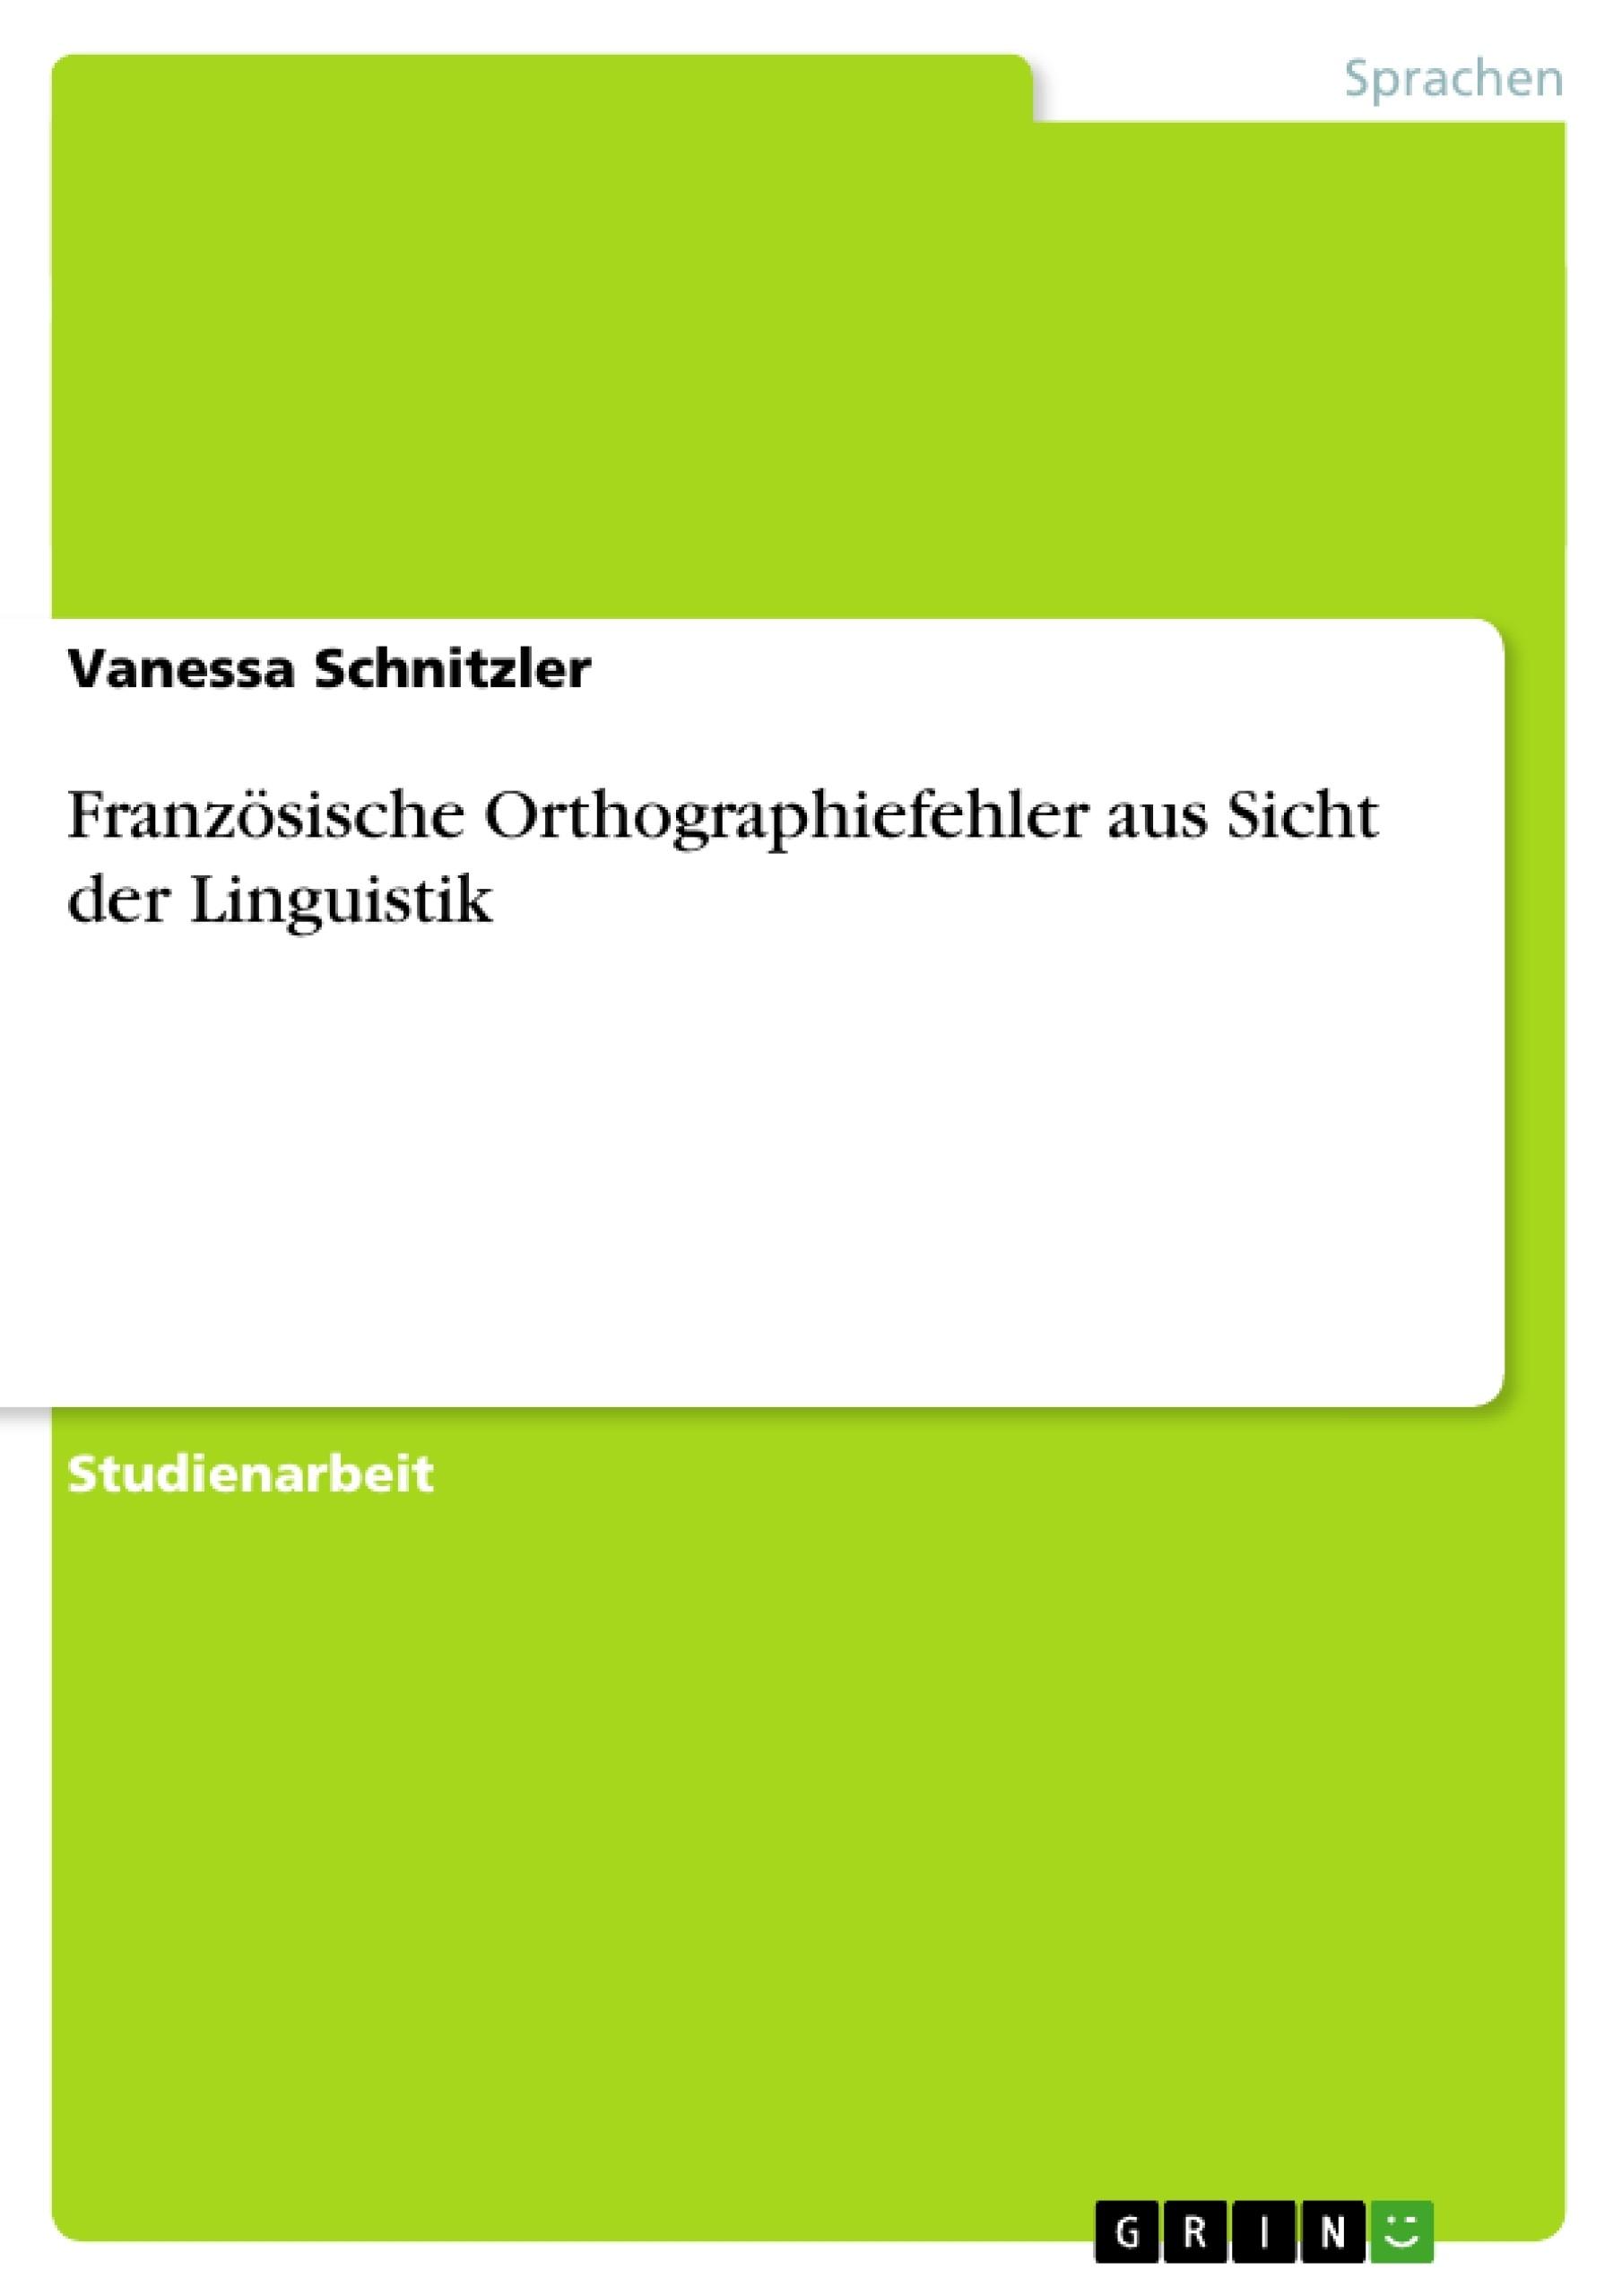 Titel: Französische Orthographiefehler aus Sicht der Linguistik